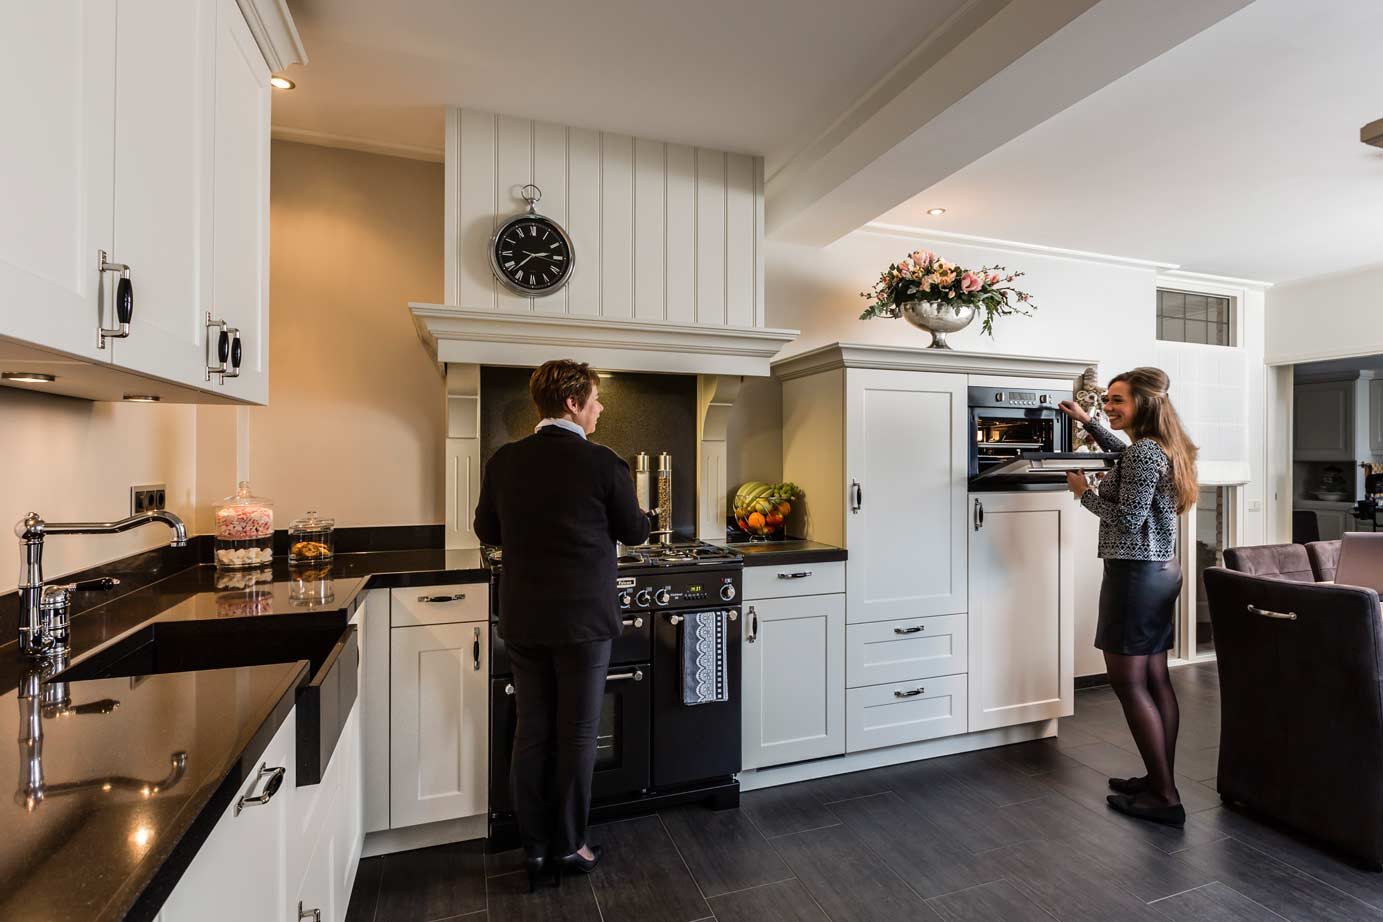 Keukenrenovatie Nijverdal : Aan het gesprek met de verkoper hadden we echt iets